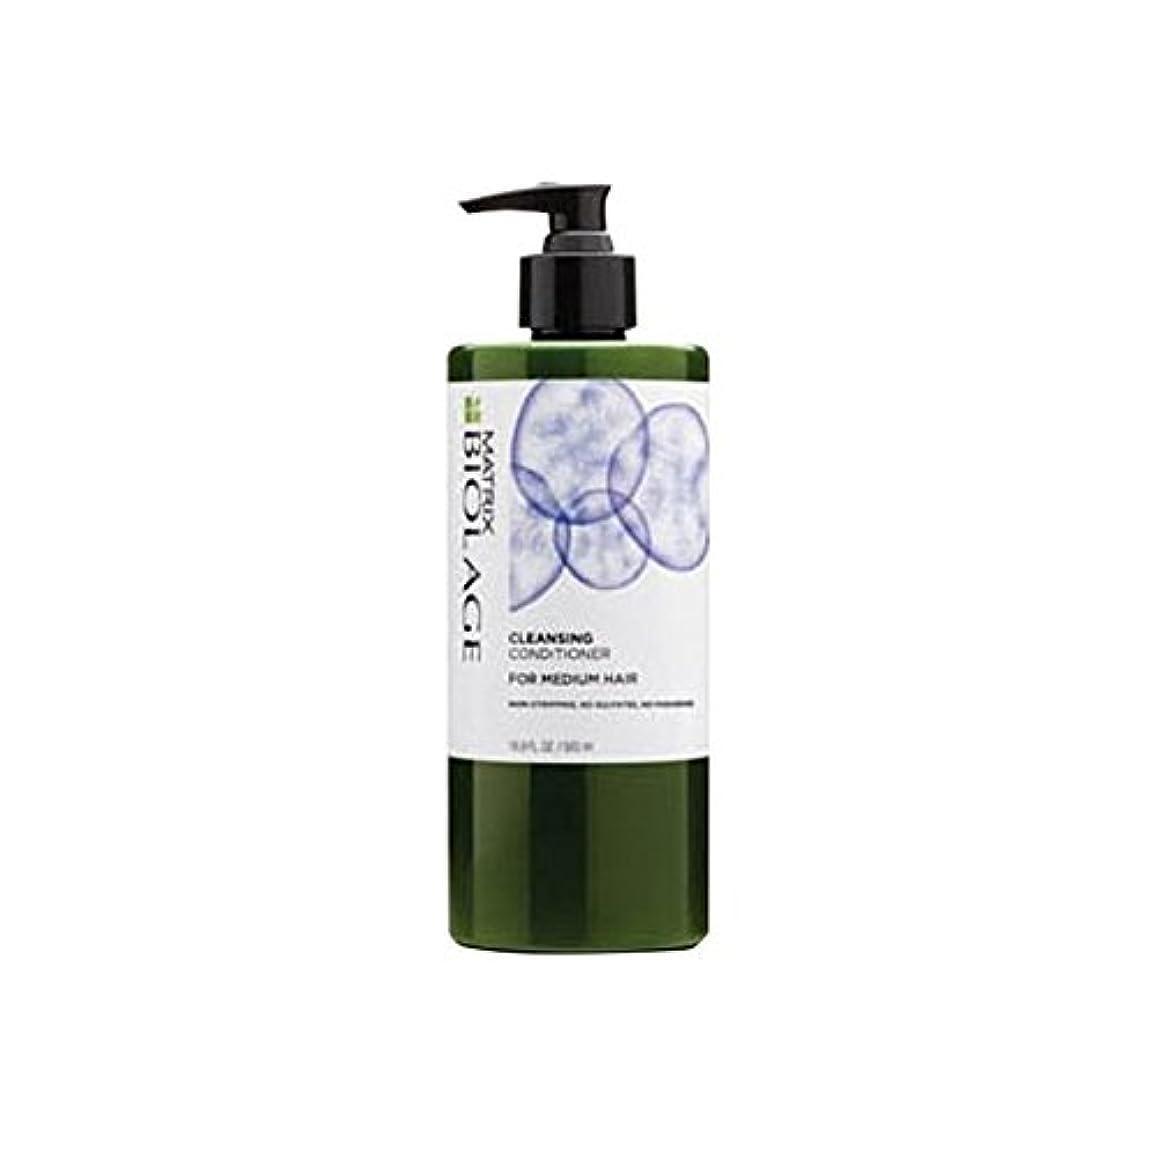 露海洋第マトリックスバイオレイジクレンジングコンディショナー - メディア髪(500ミリリットル) x2 - Matrix Biolage Cleansing Conditioner - Medium Hair (500ml)...